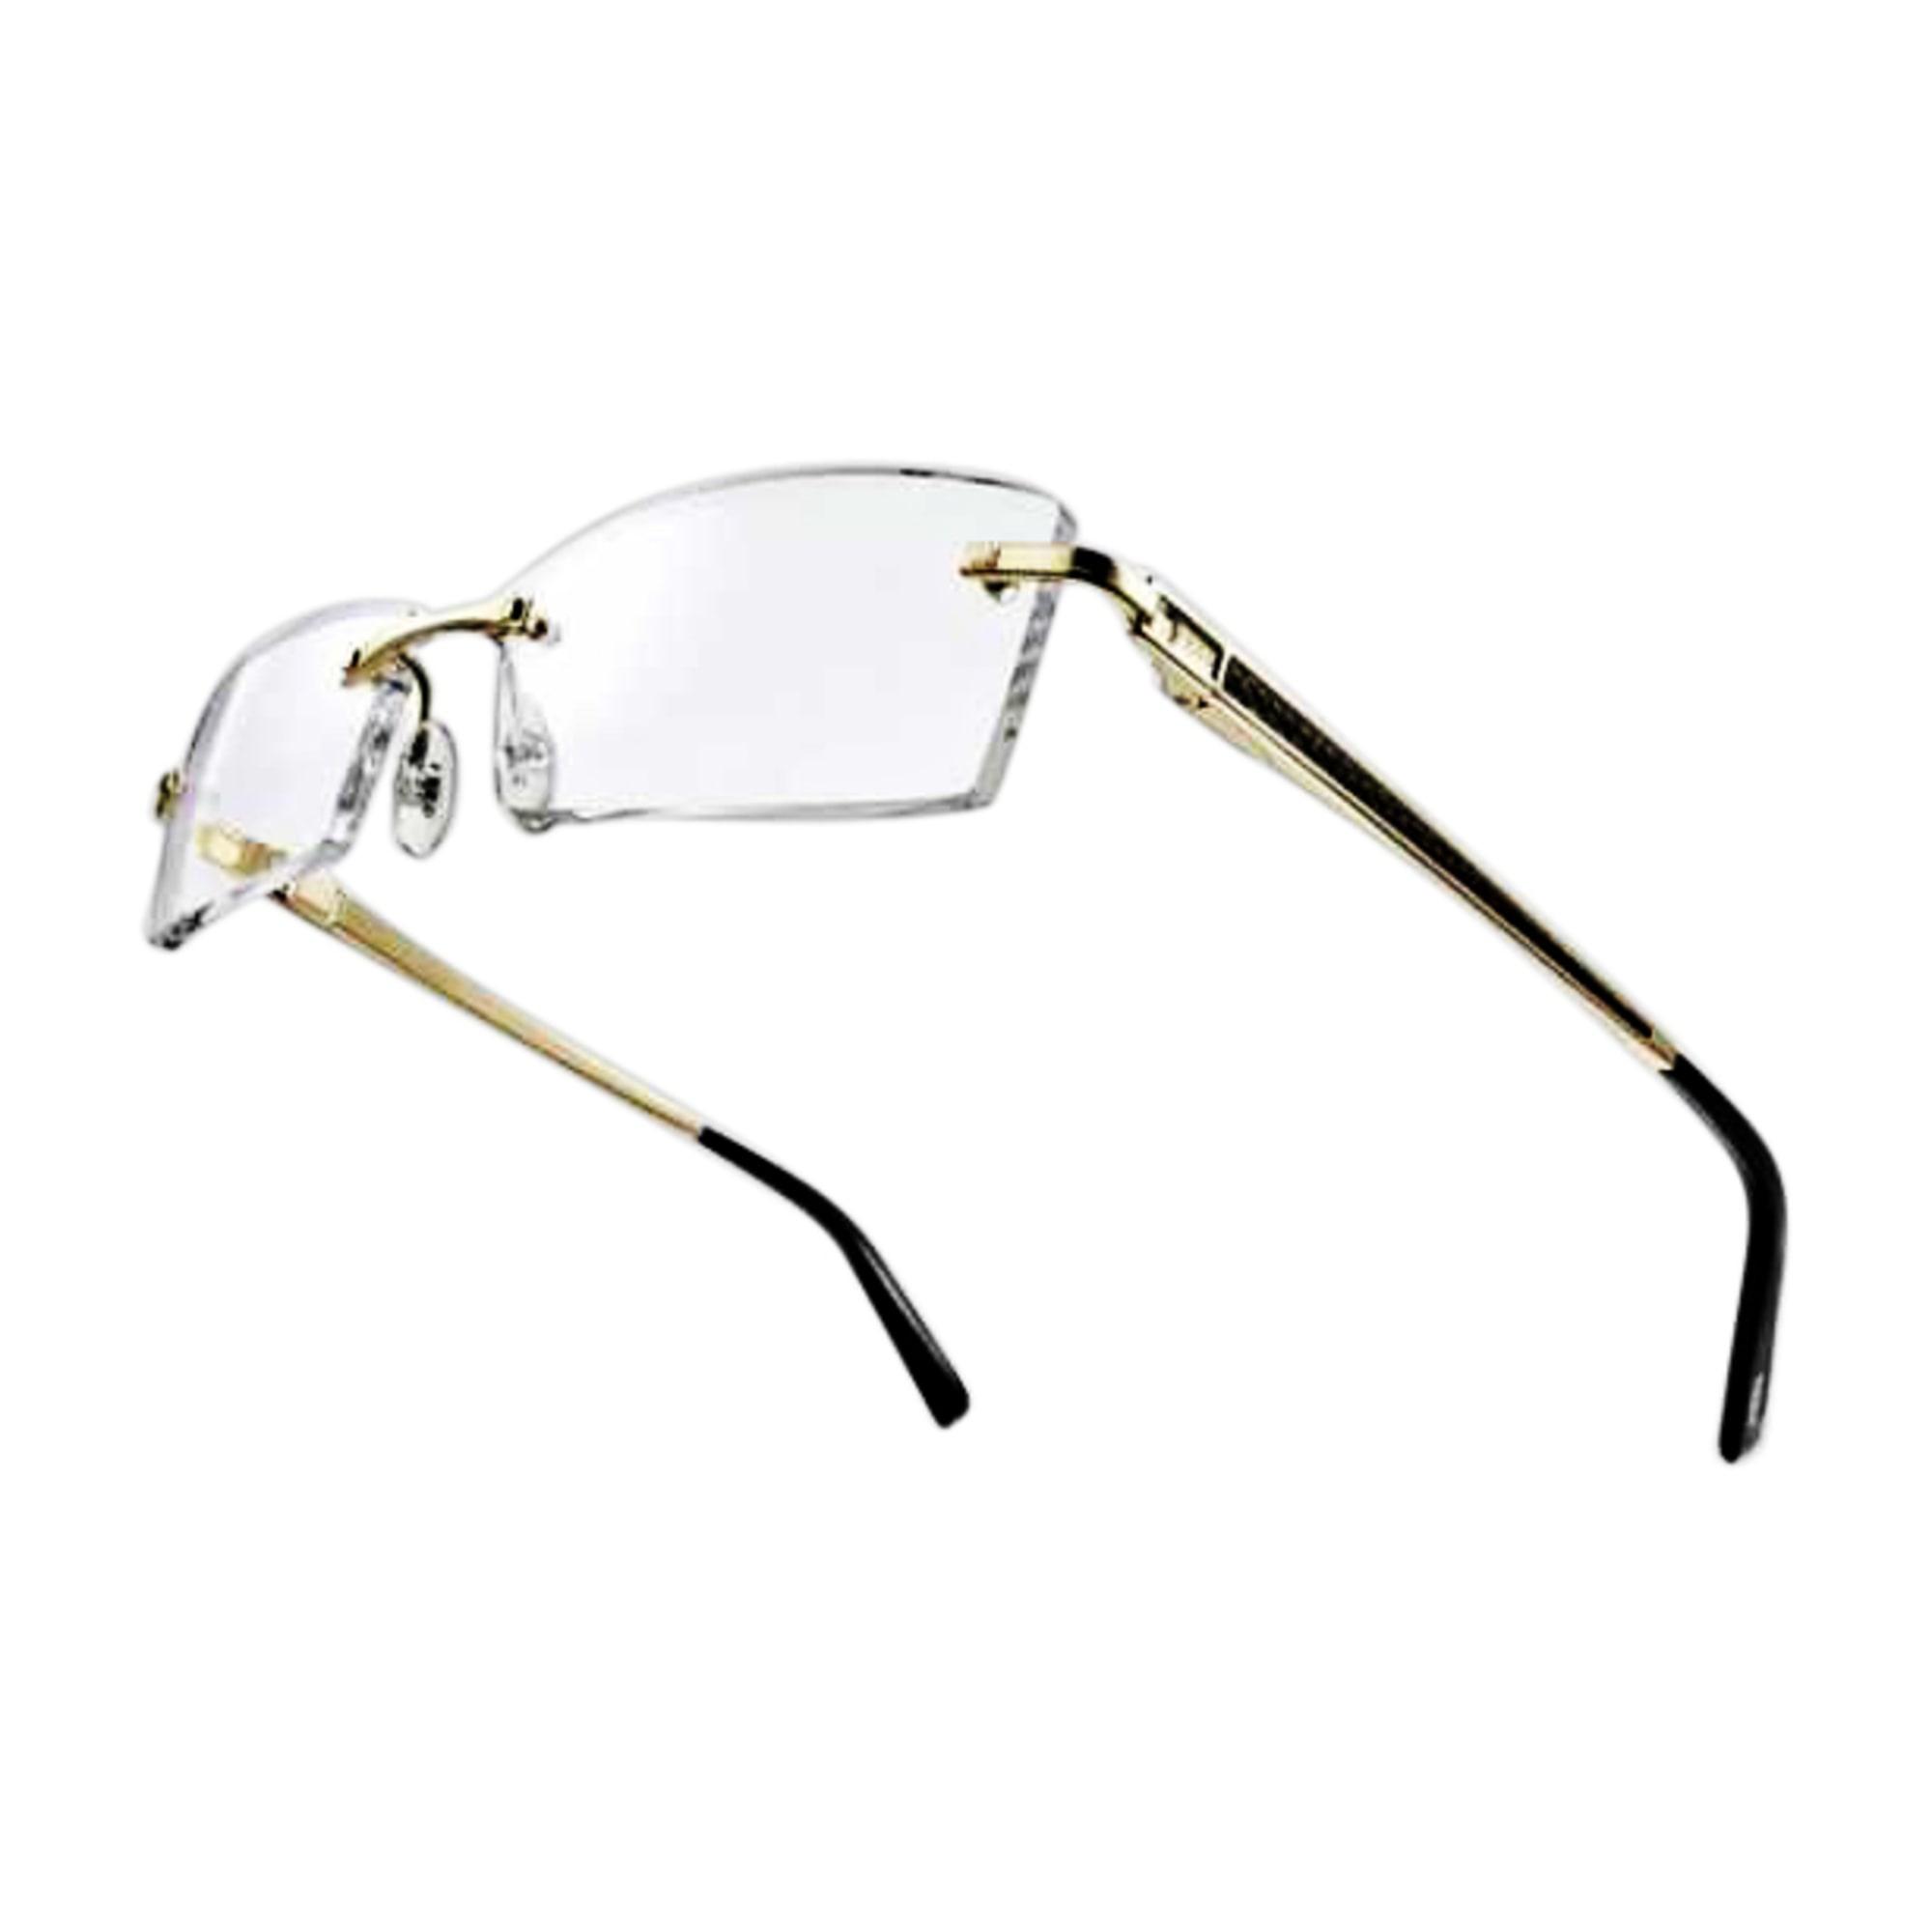 6a89bffd0183dd Monture de lunettes FRED or et noir - 5071624